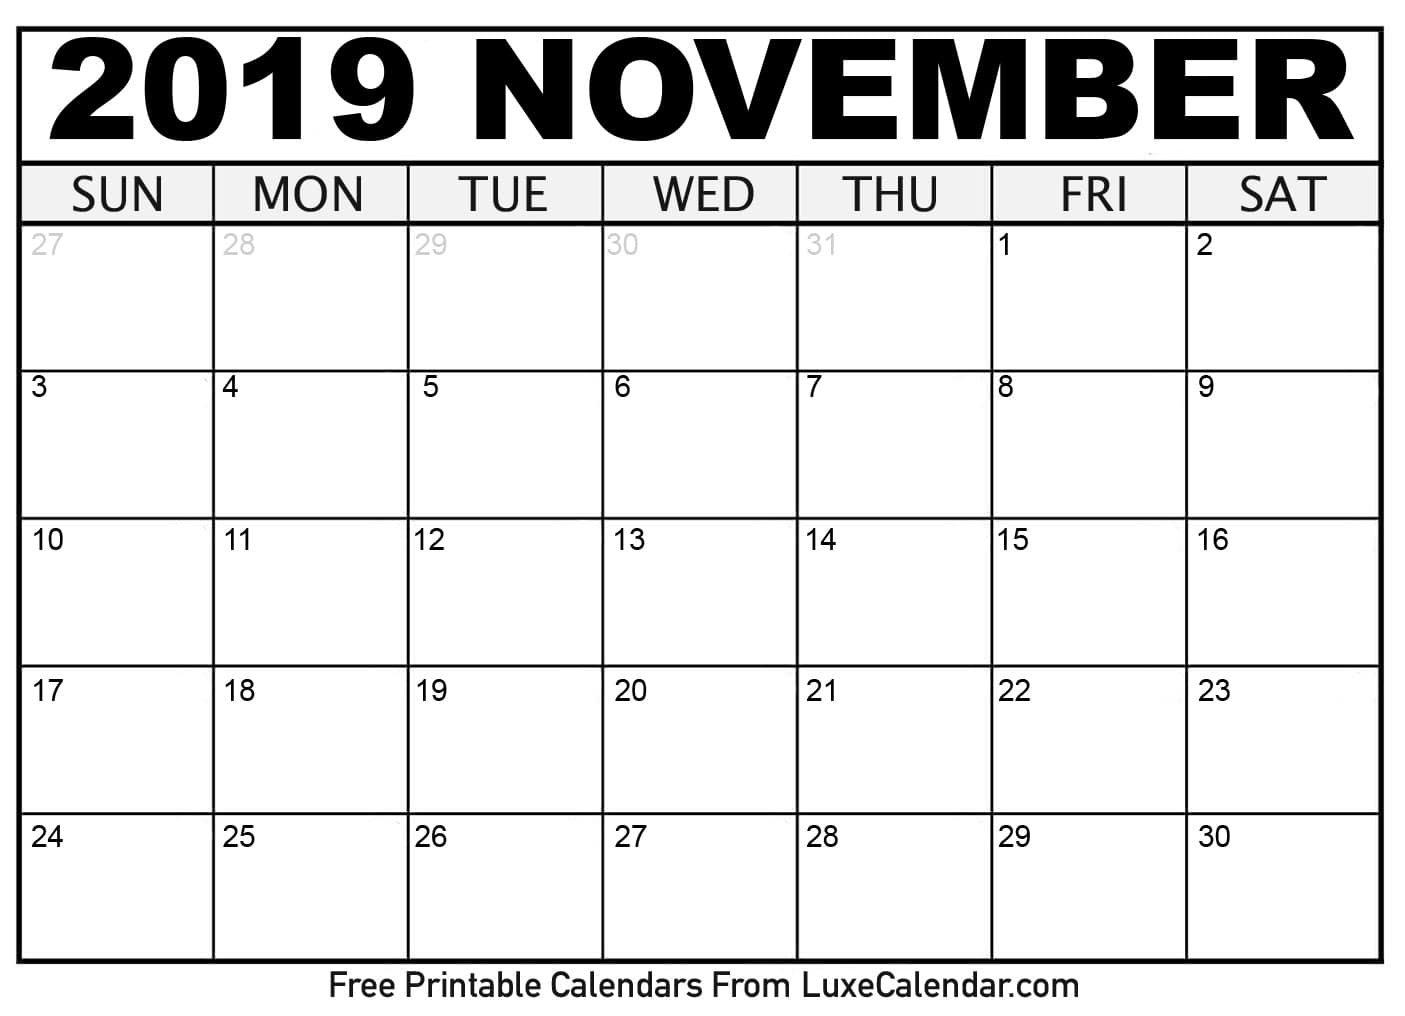 Blank November 2019 Printable Calendar – Luxe Calendar Calendar 2019 Nov